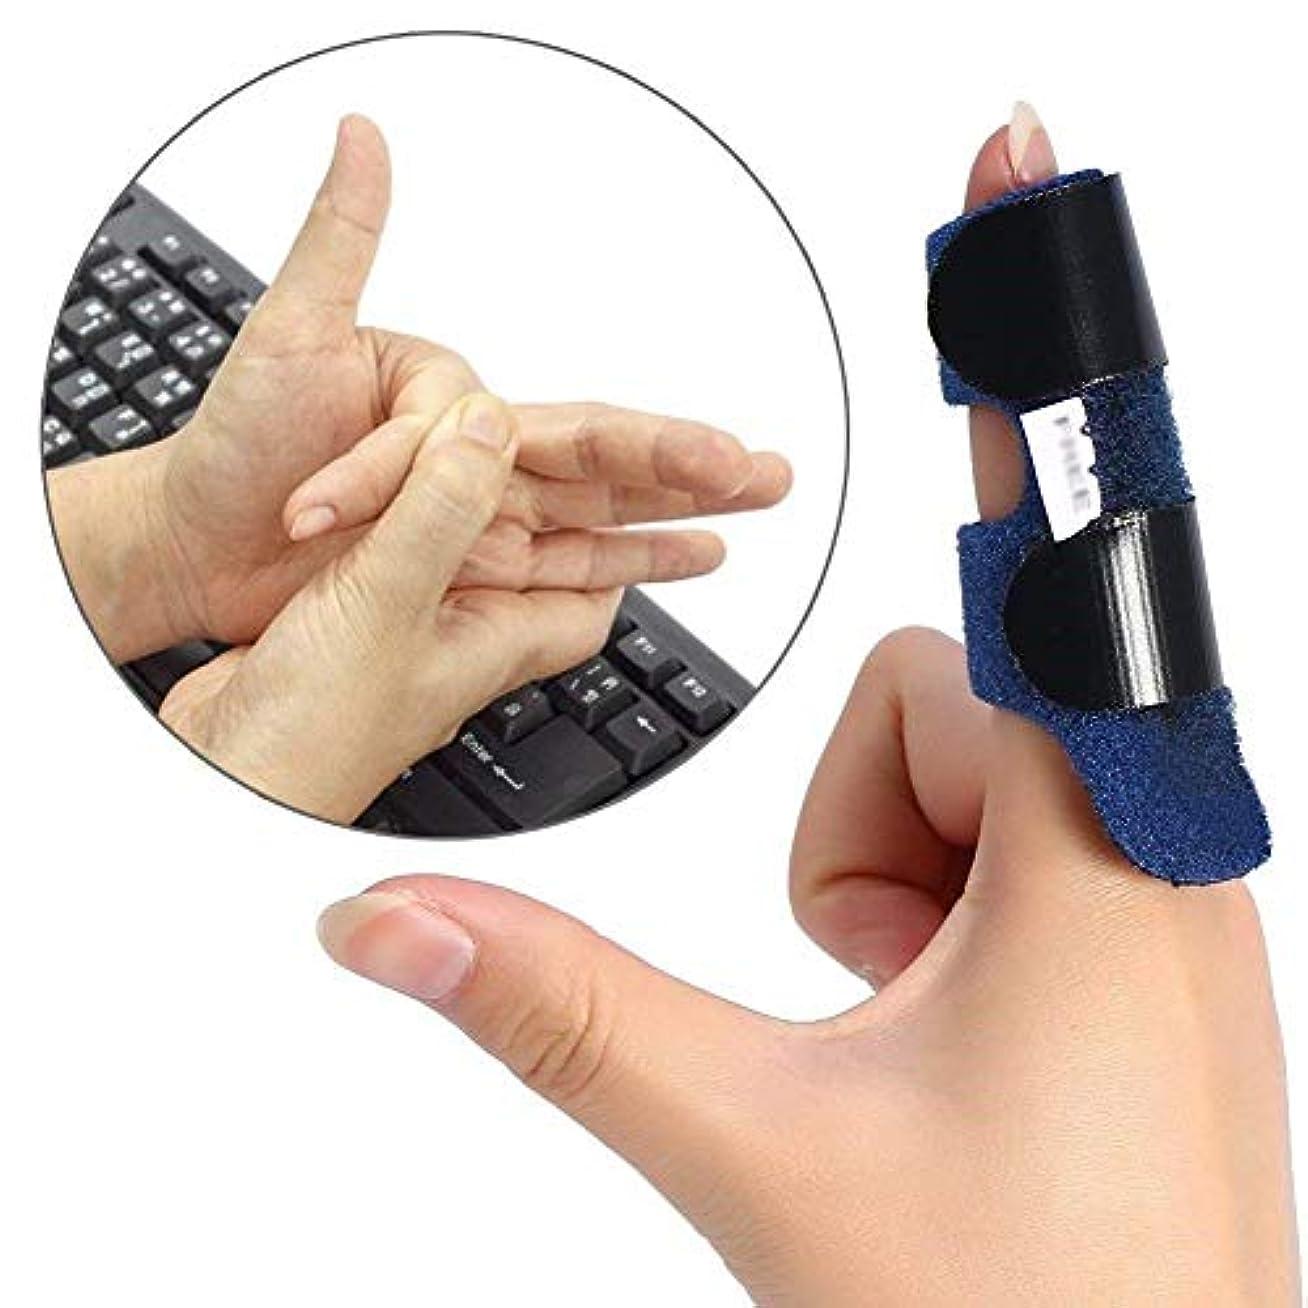 移民届ける医学すべての指トリガーの指矯正ブレースに適した指の怪我のサポート-内蔵のアルミニウム調整可能ストラップ